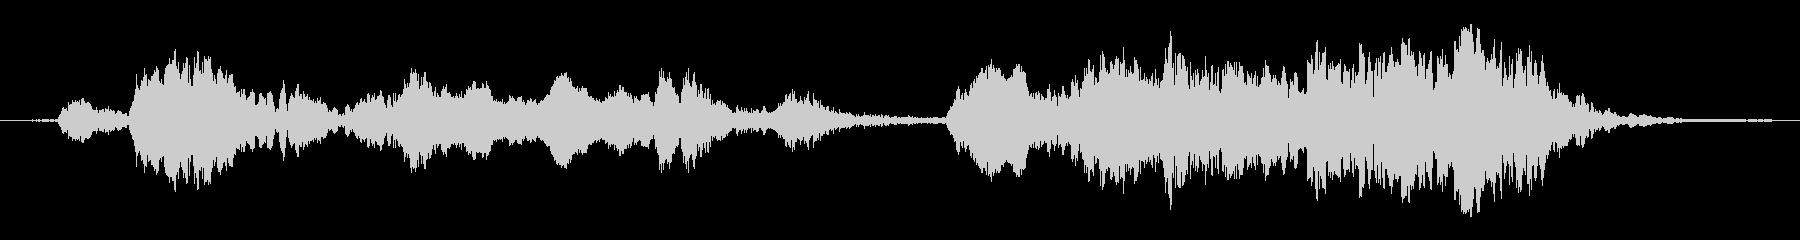 メタルグリル:ハイスクレイピングス...の未再生の波形